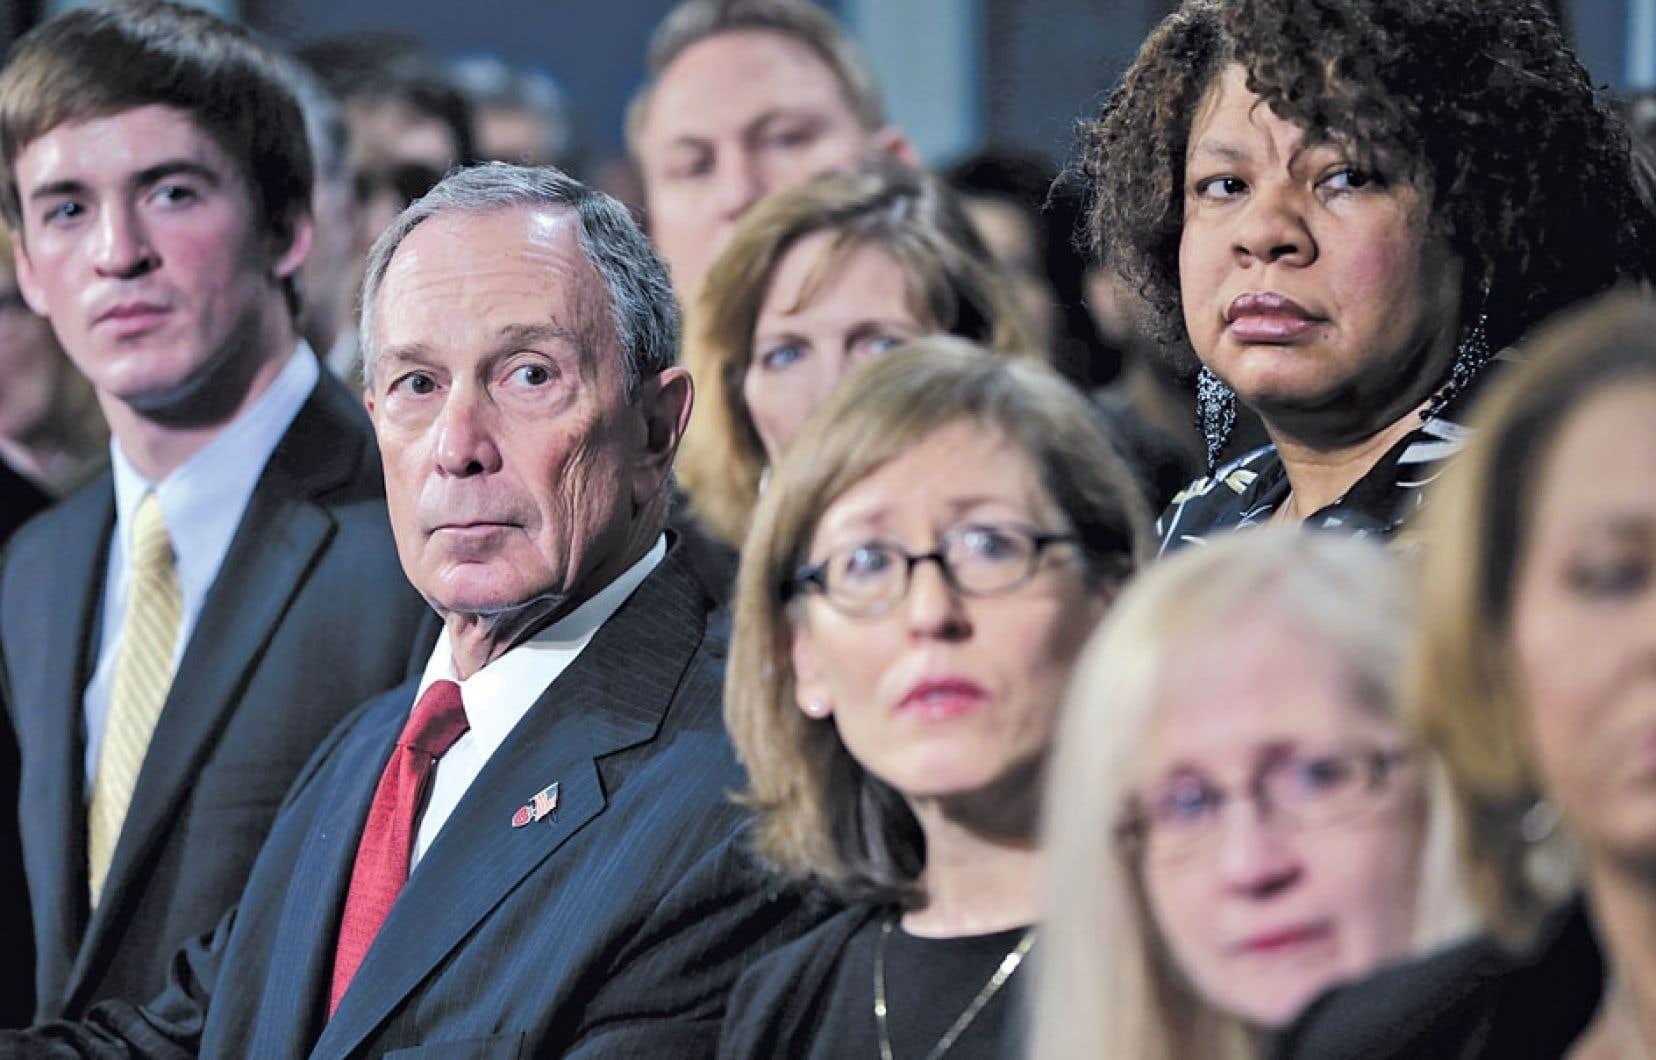 Entouré de personnes dont des proches ont été tués par des armes à feu, le maire de New York, Michael Bloomberg, a participé lundi au visionnement d'une vidéo portant notamment sur les témoignages de survivants de tueries. Le maire a exhorté le président Obama à adopter des lois plus strictes pour mieux contrôler le commerce des armes.